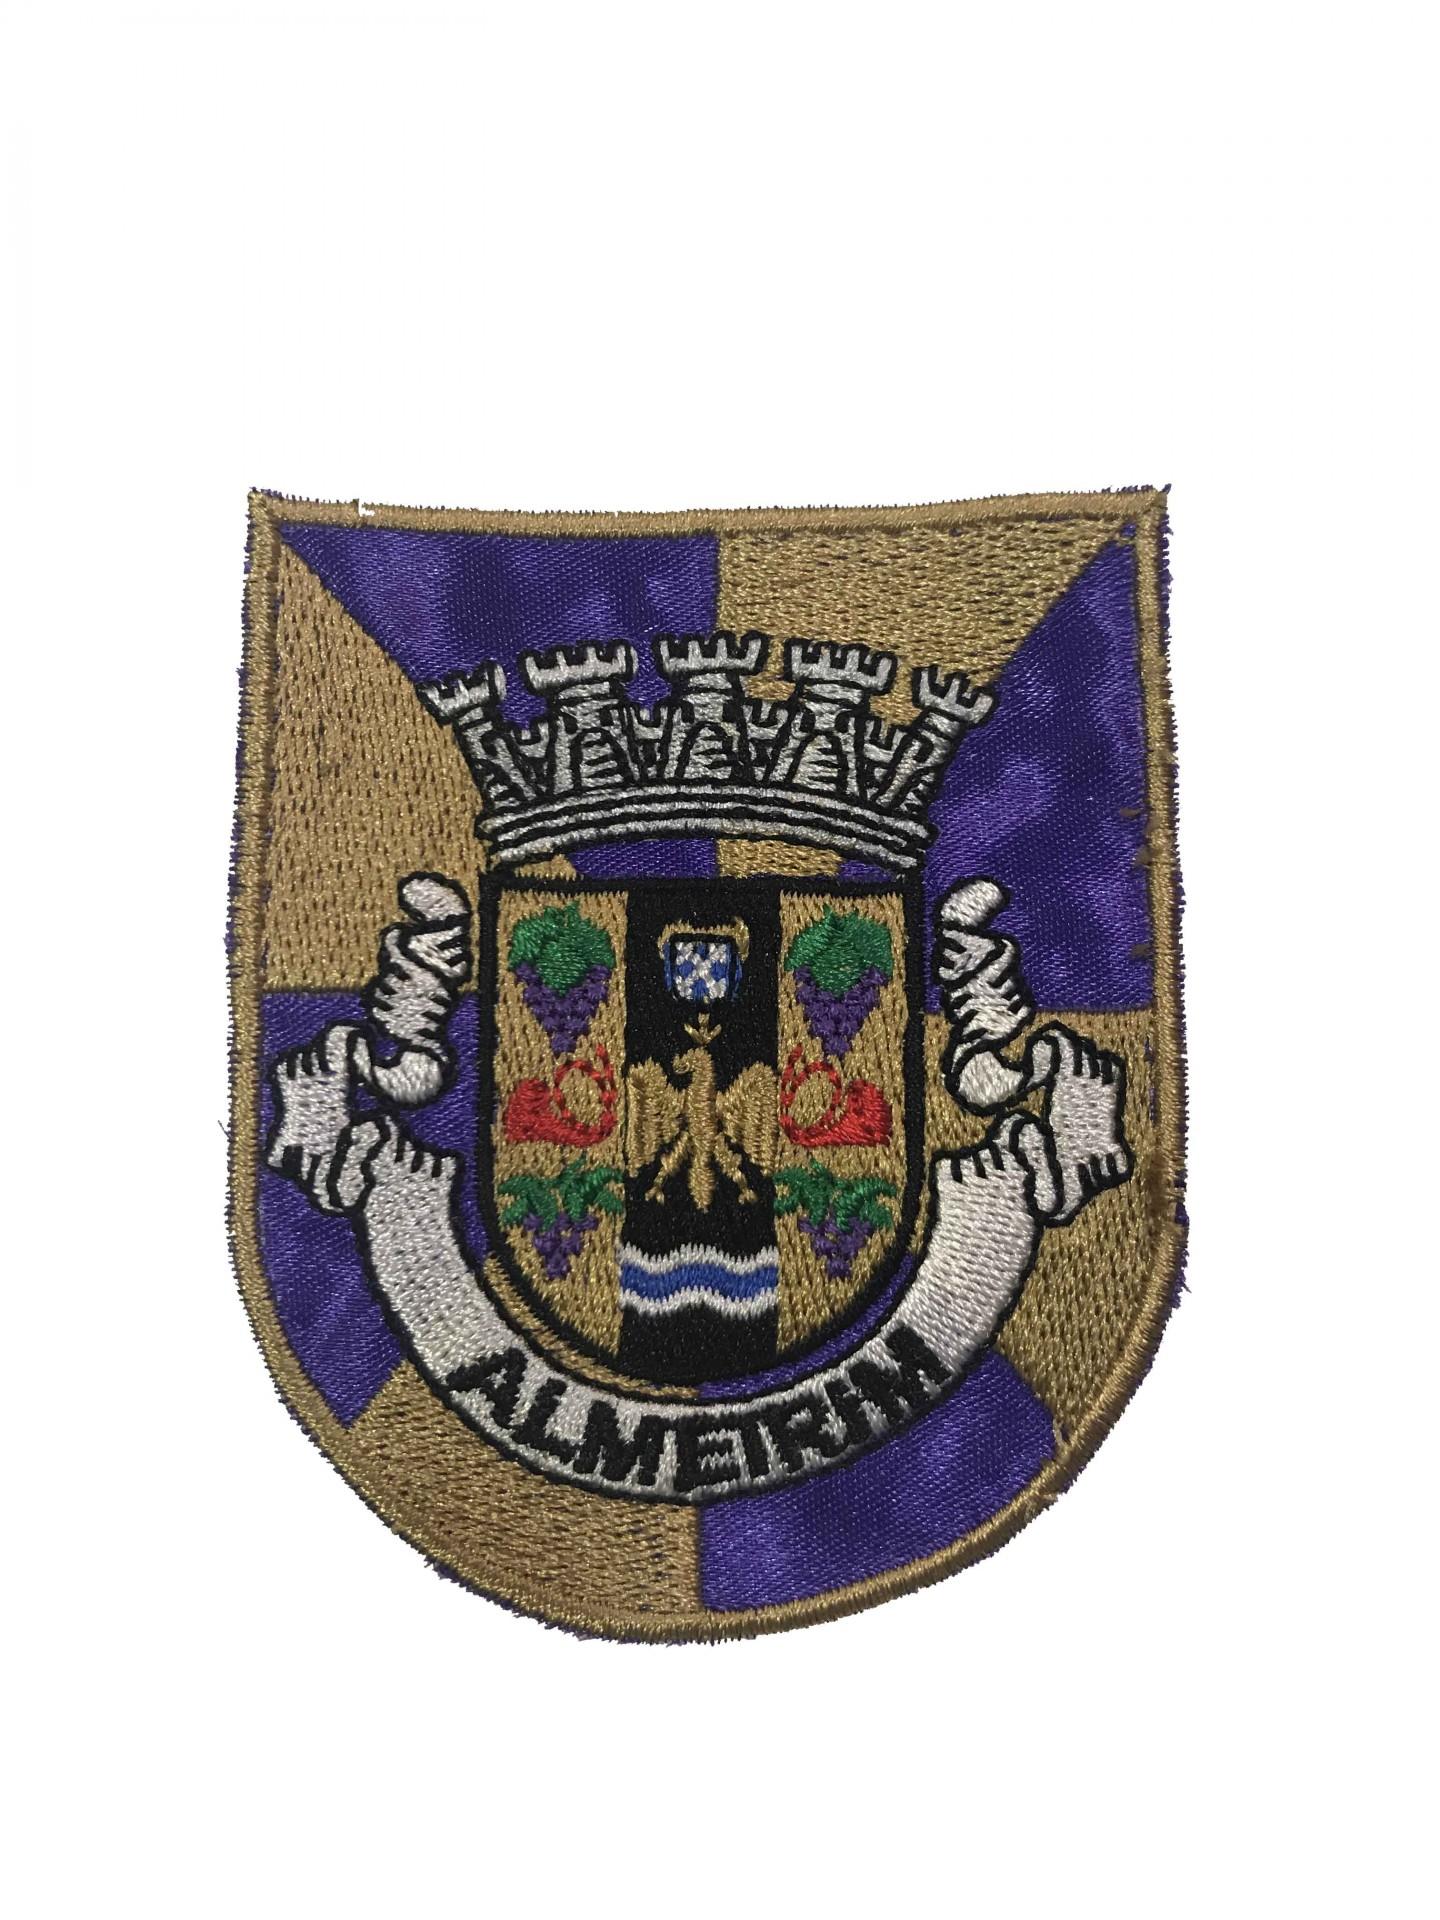 Emblema de Almeirim